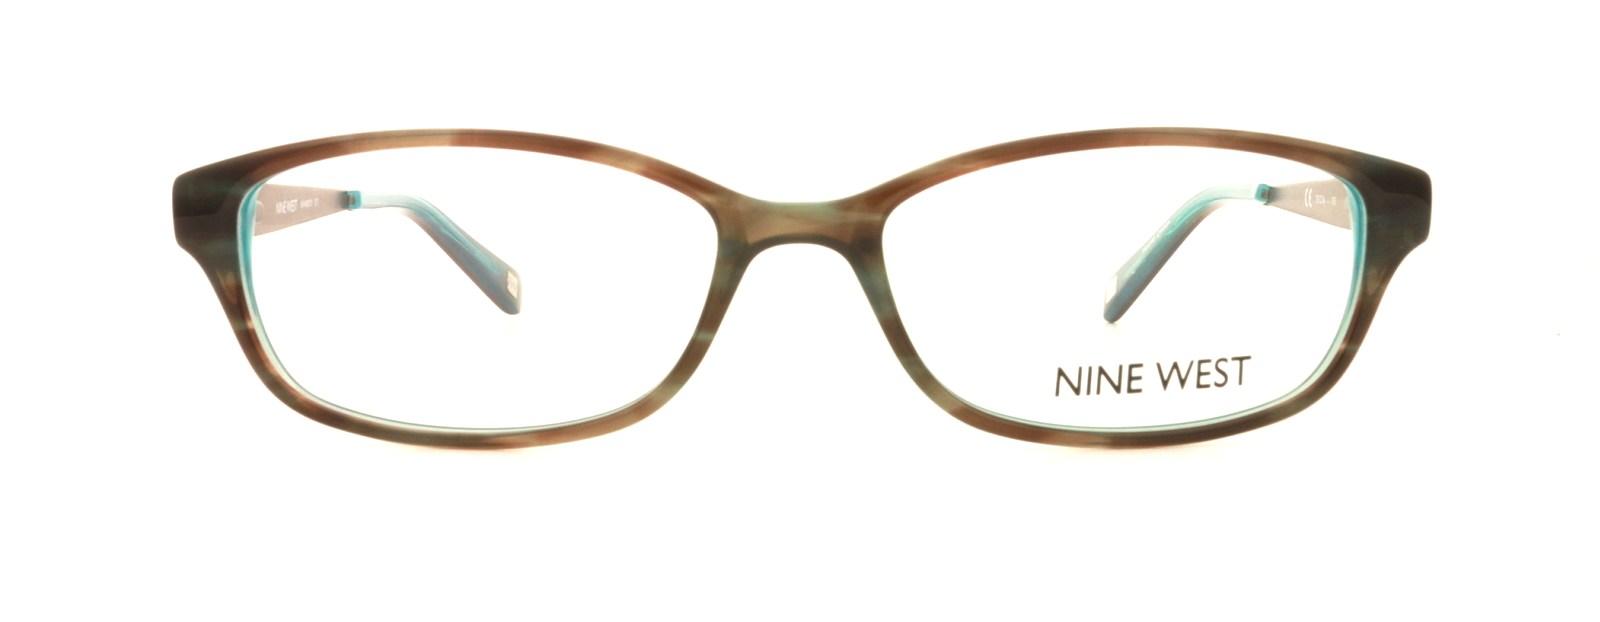 7d65480b5c7 Designer Frames Outlet. Nine West NW8000